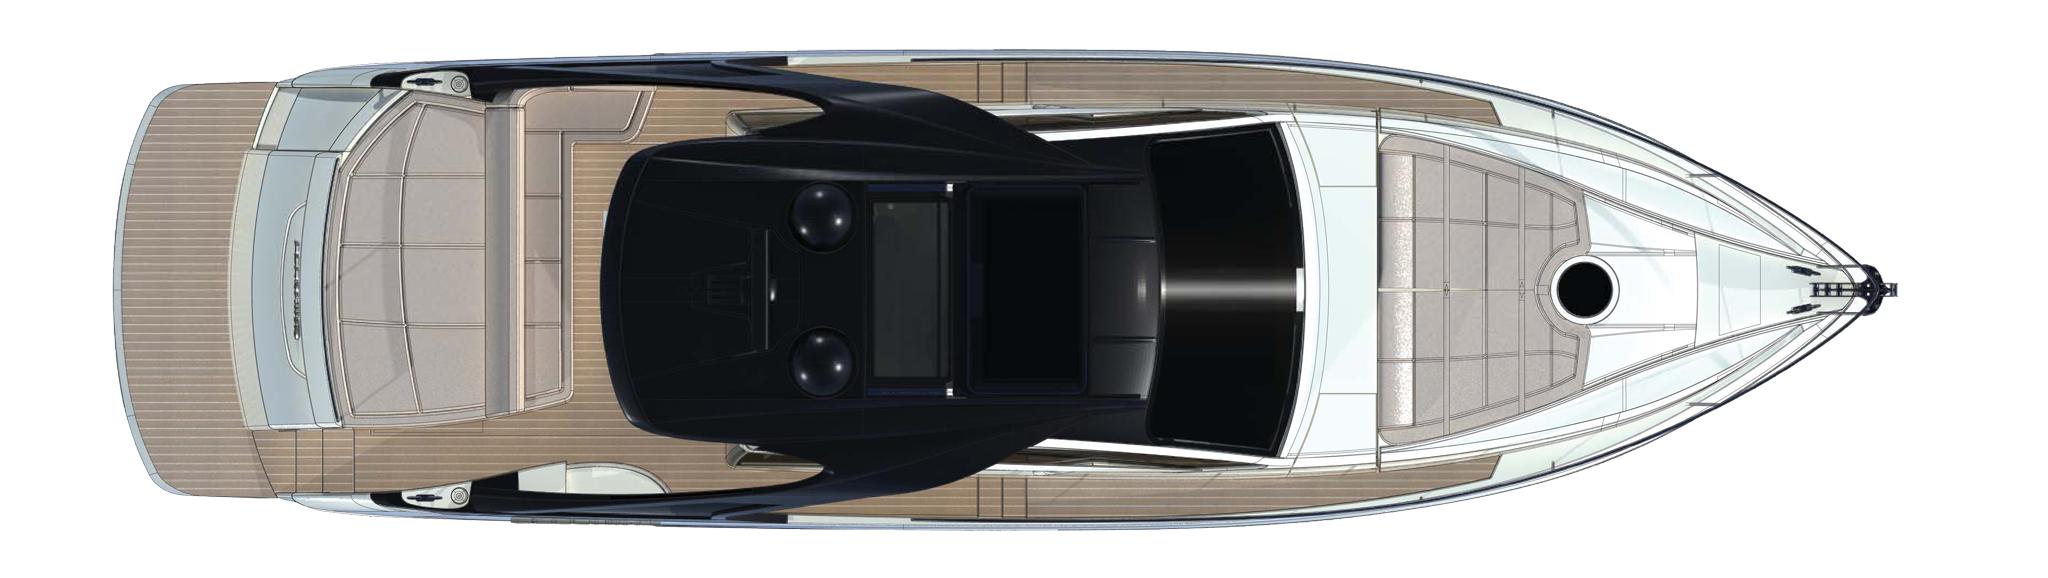 Pershing 5x Diseño (img-1)